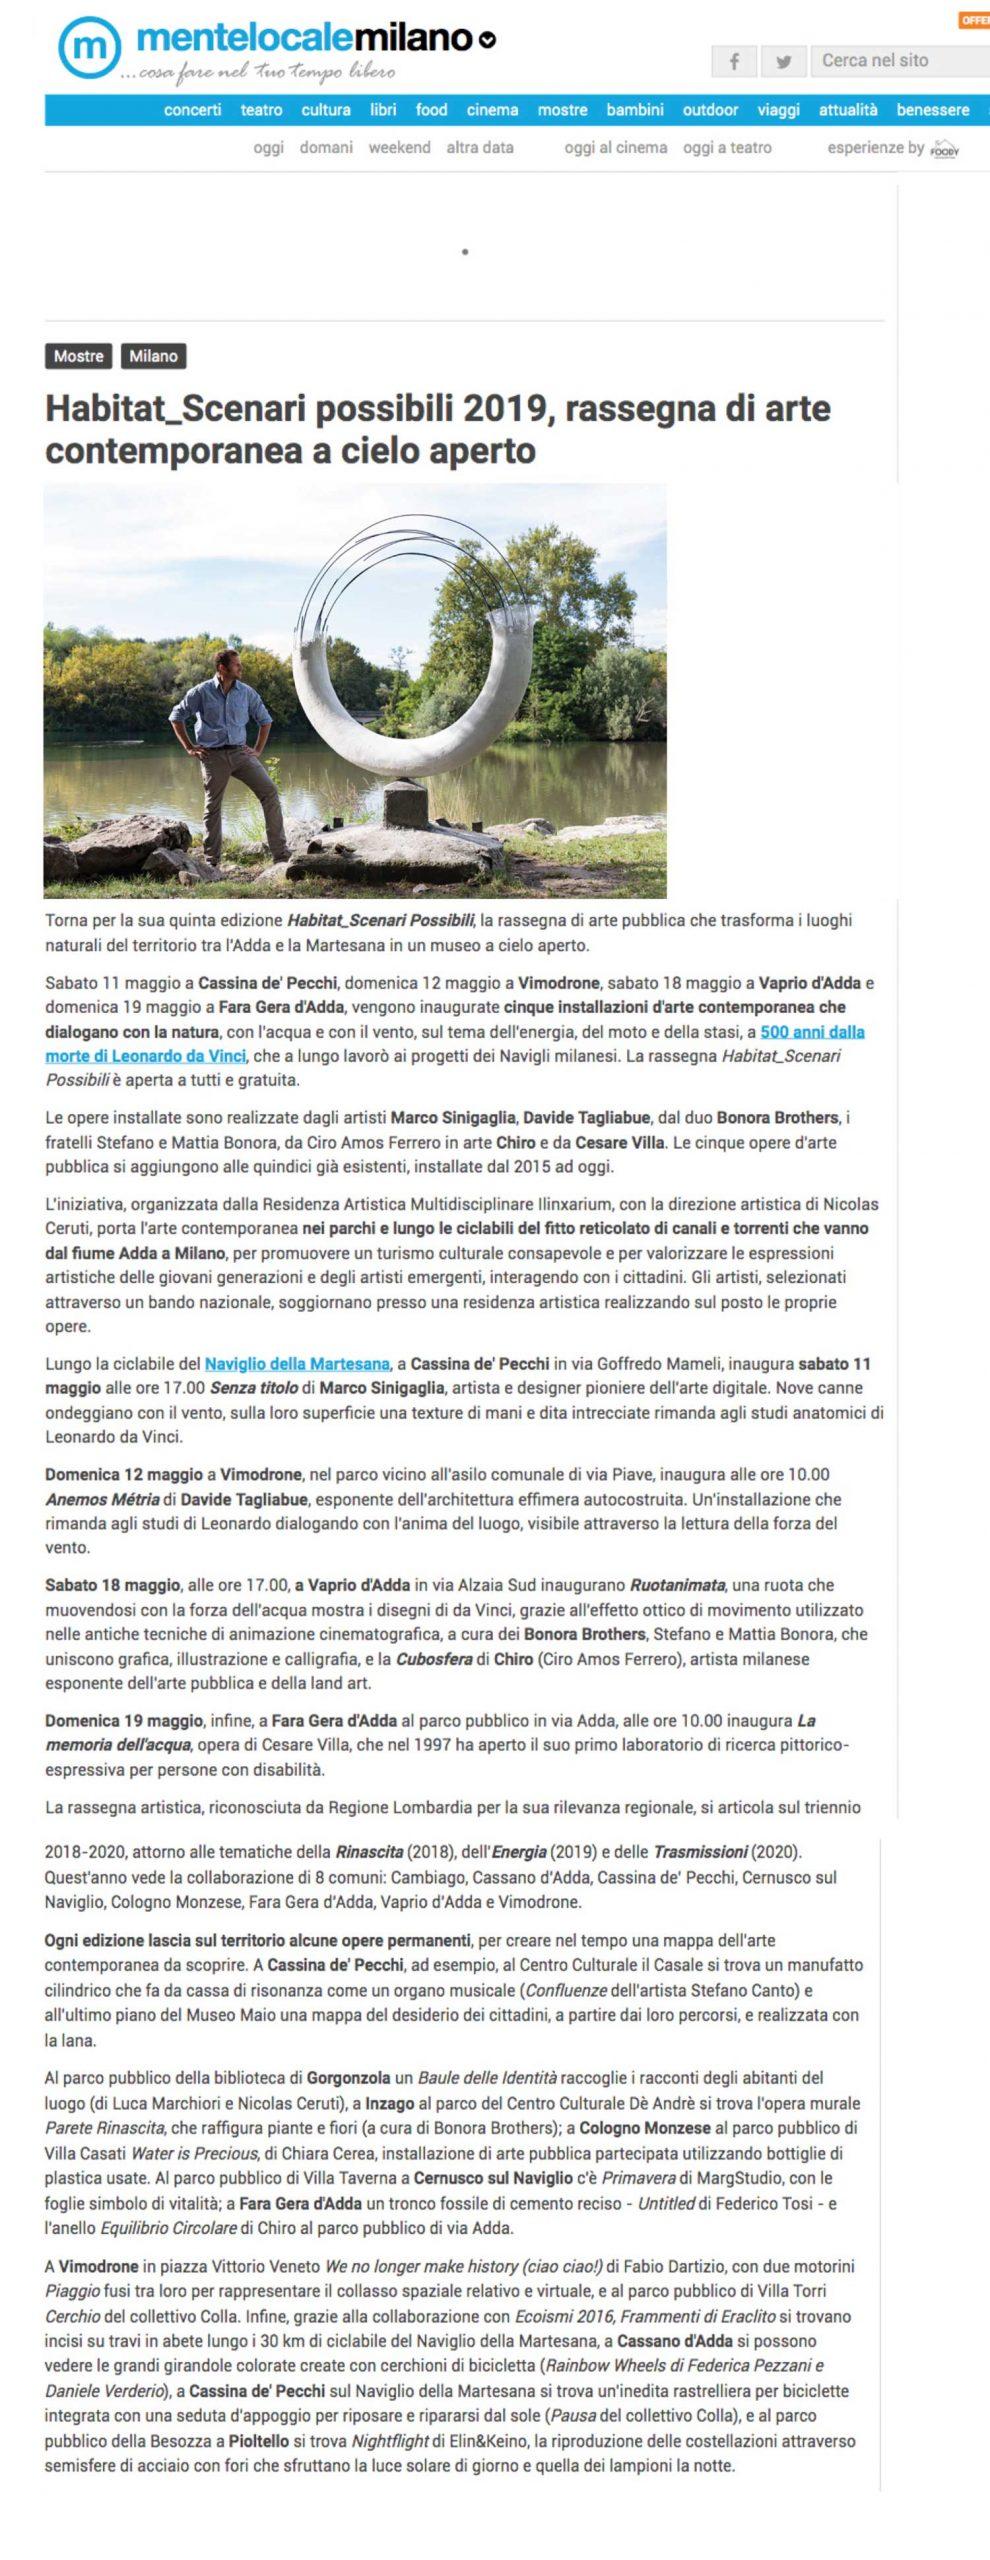 Articolo su Habitat presente in Mentelocale Milano